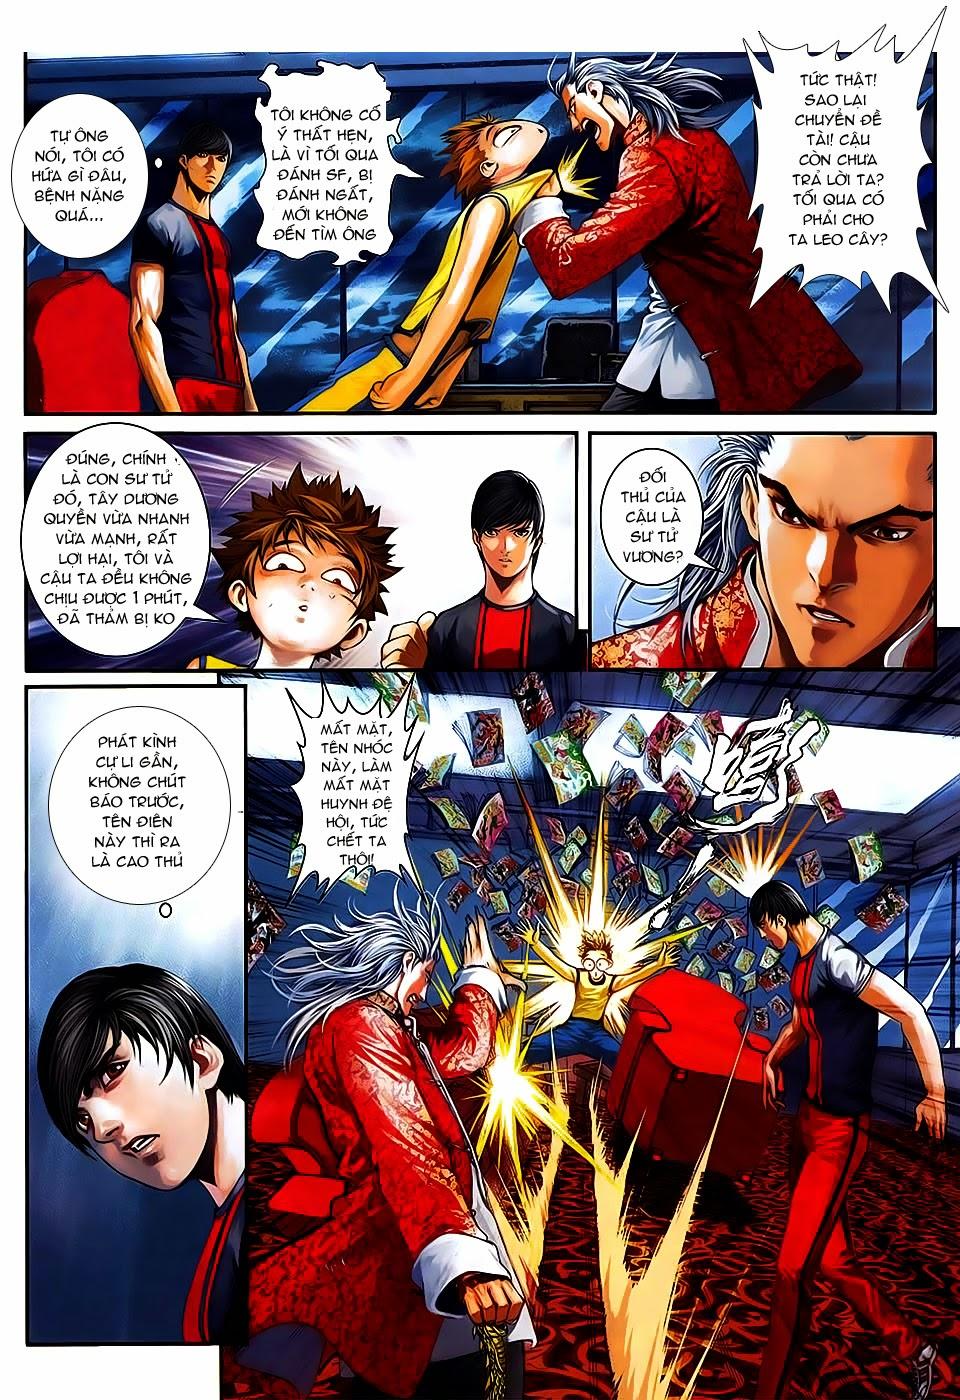 Quyền Đạo chapter 8 trang 15